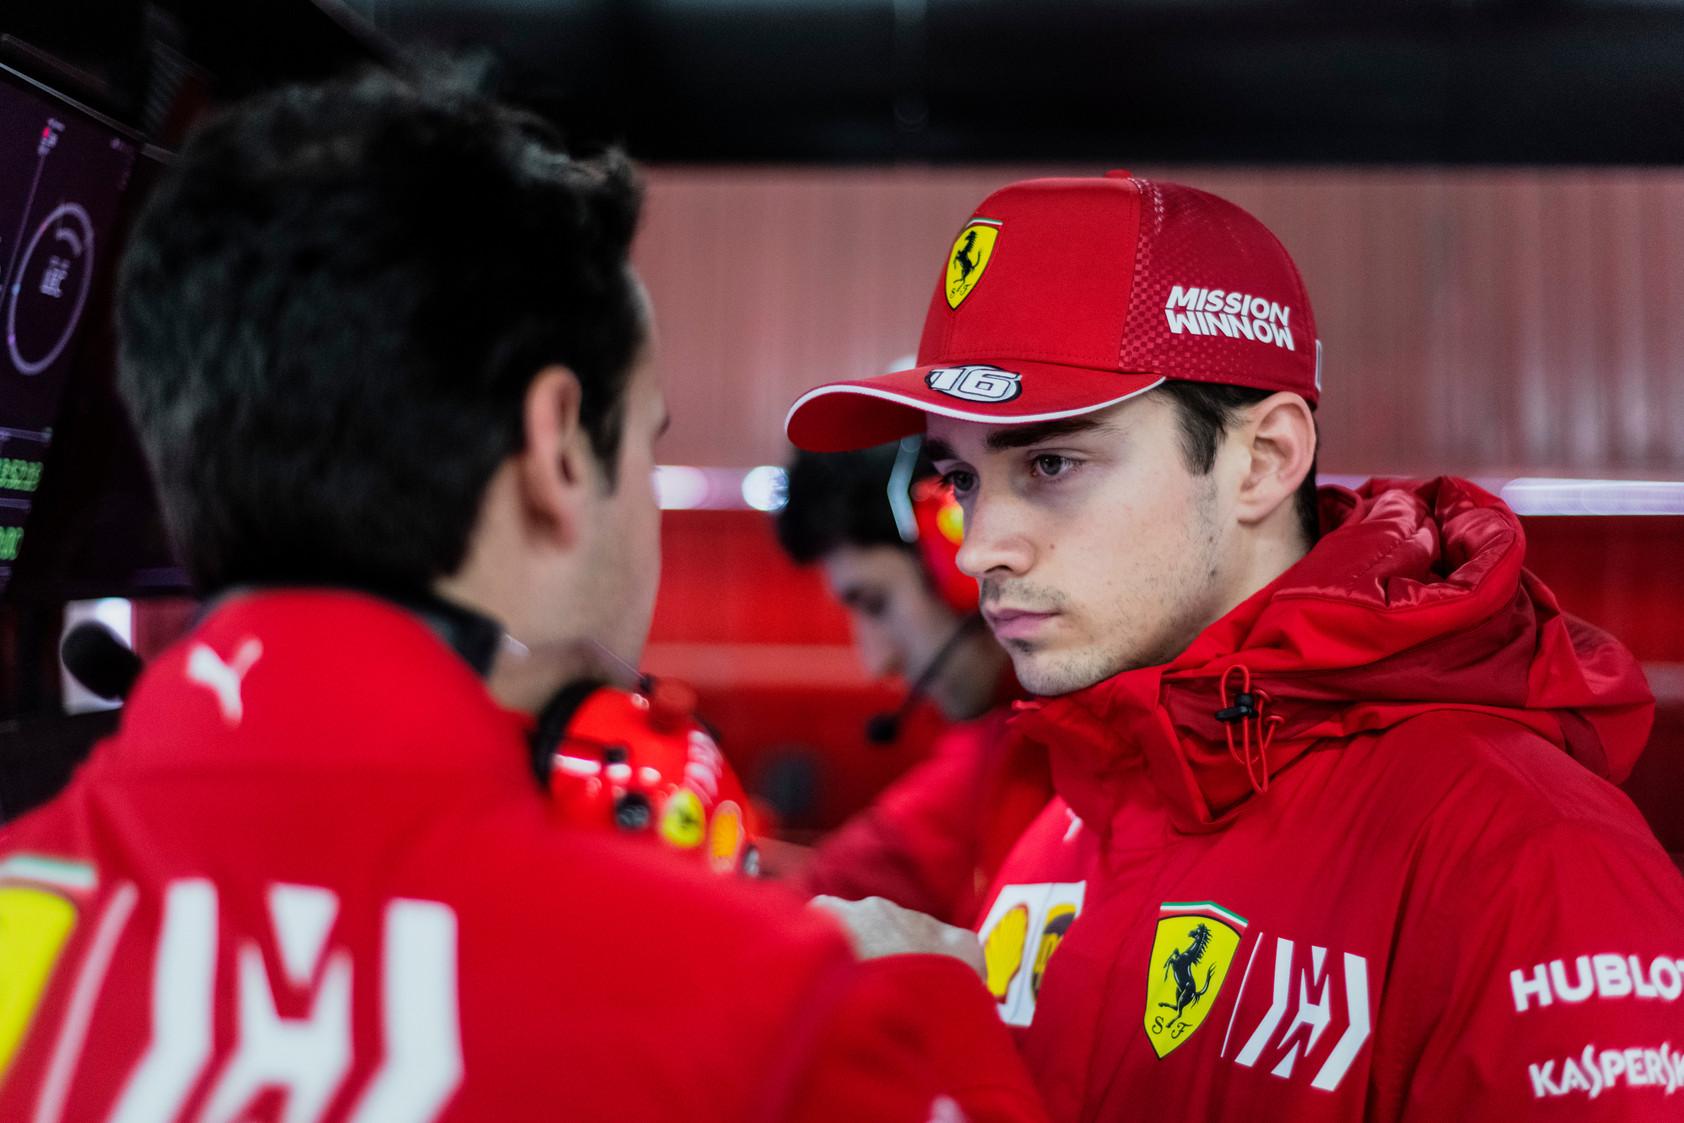 C. Leclercas yra pasirengęs padėti S. Vetteliui